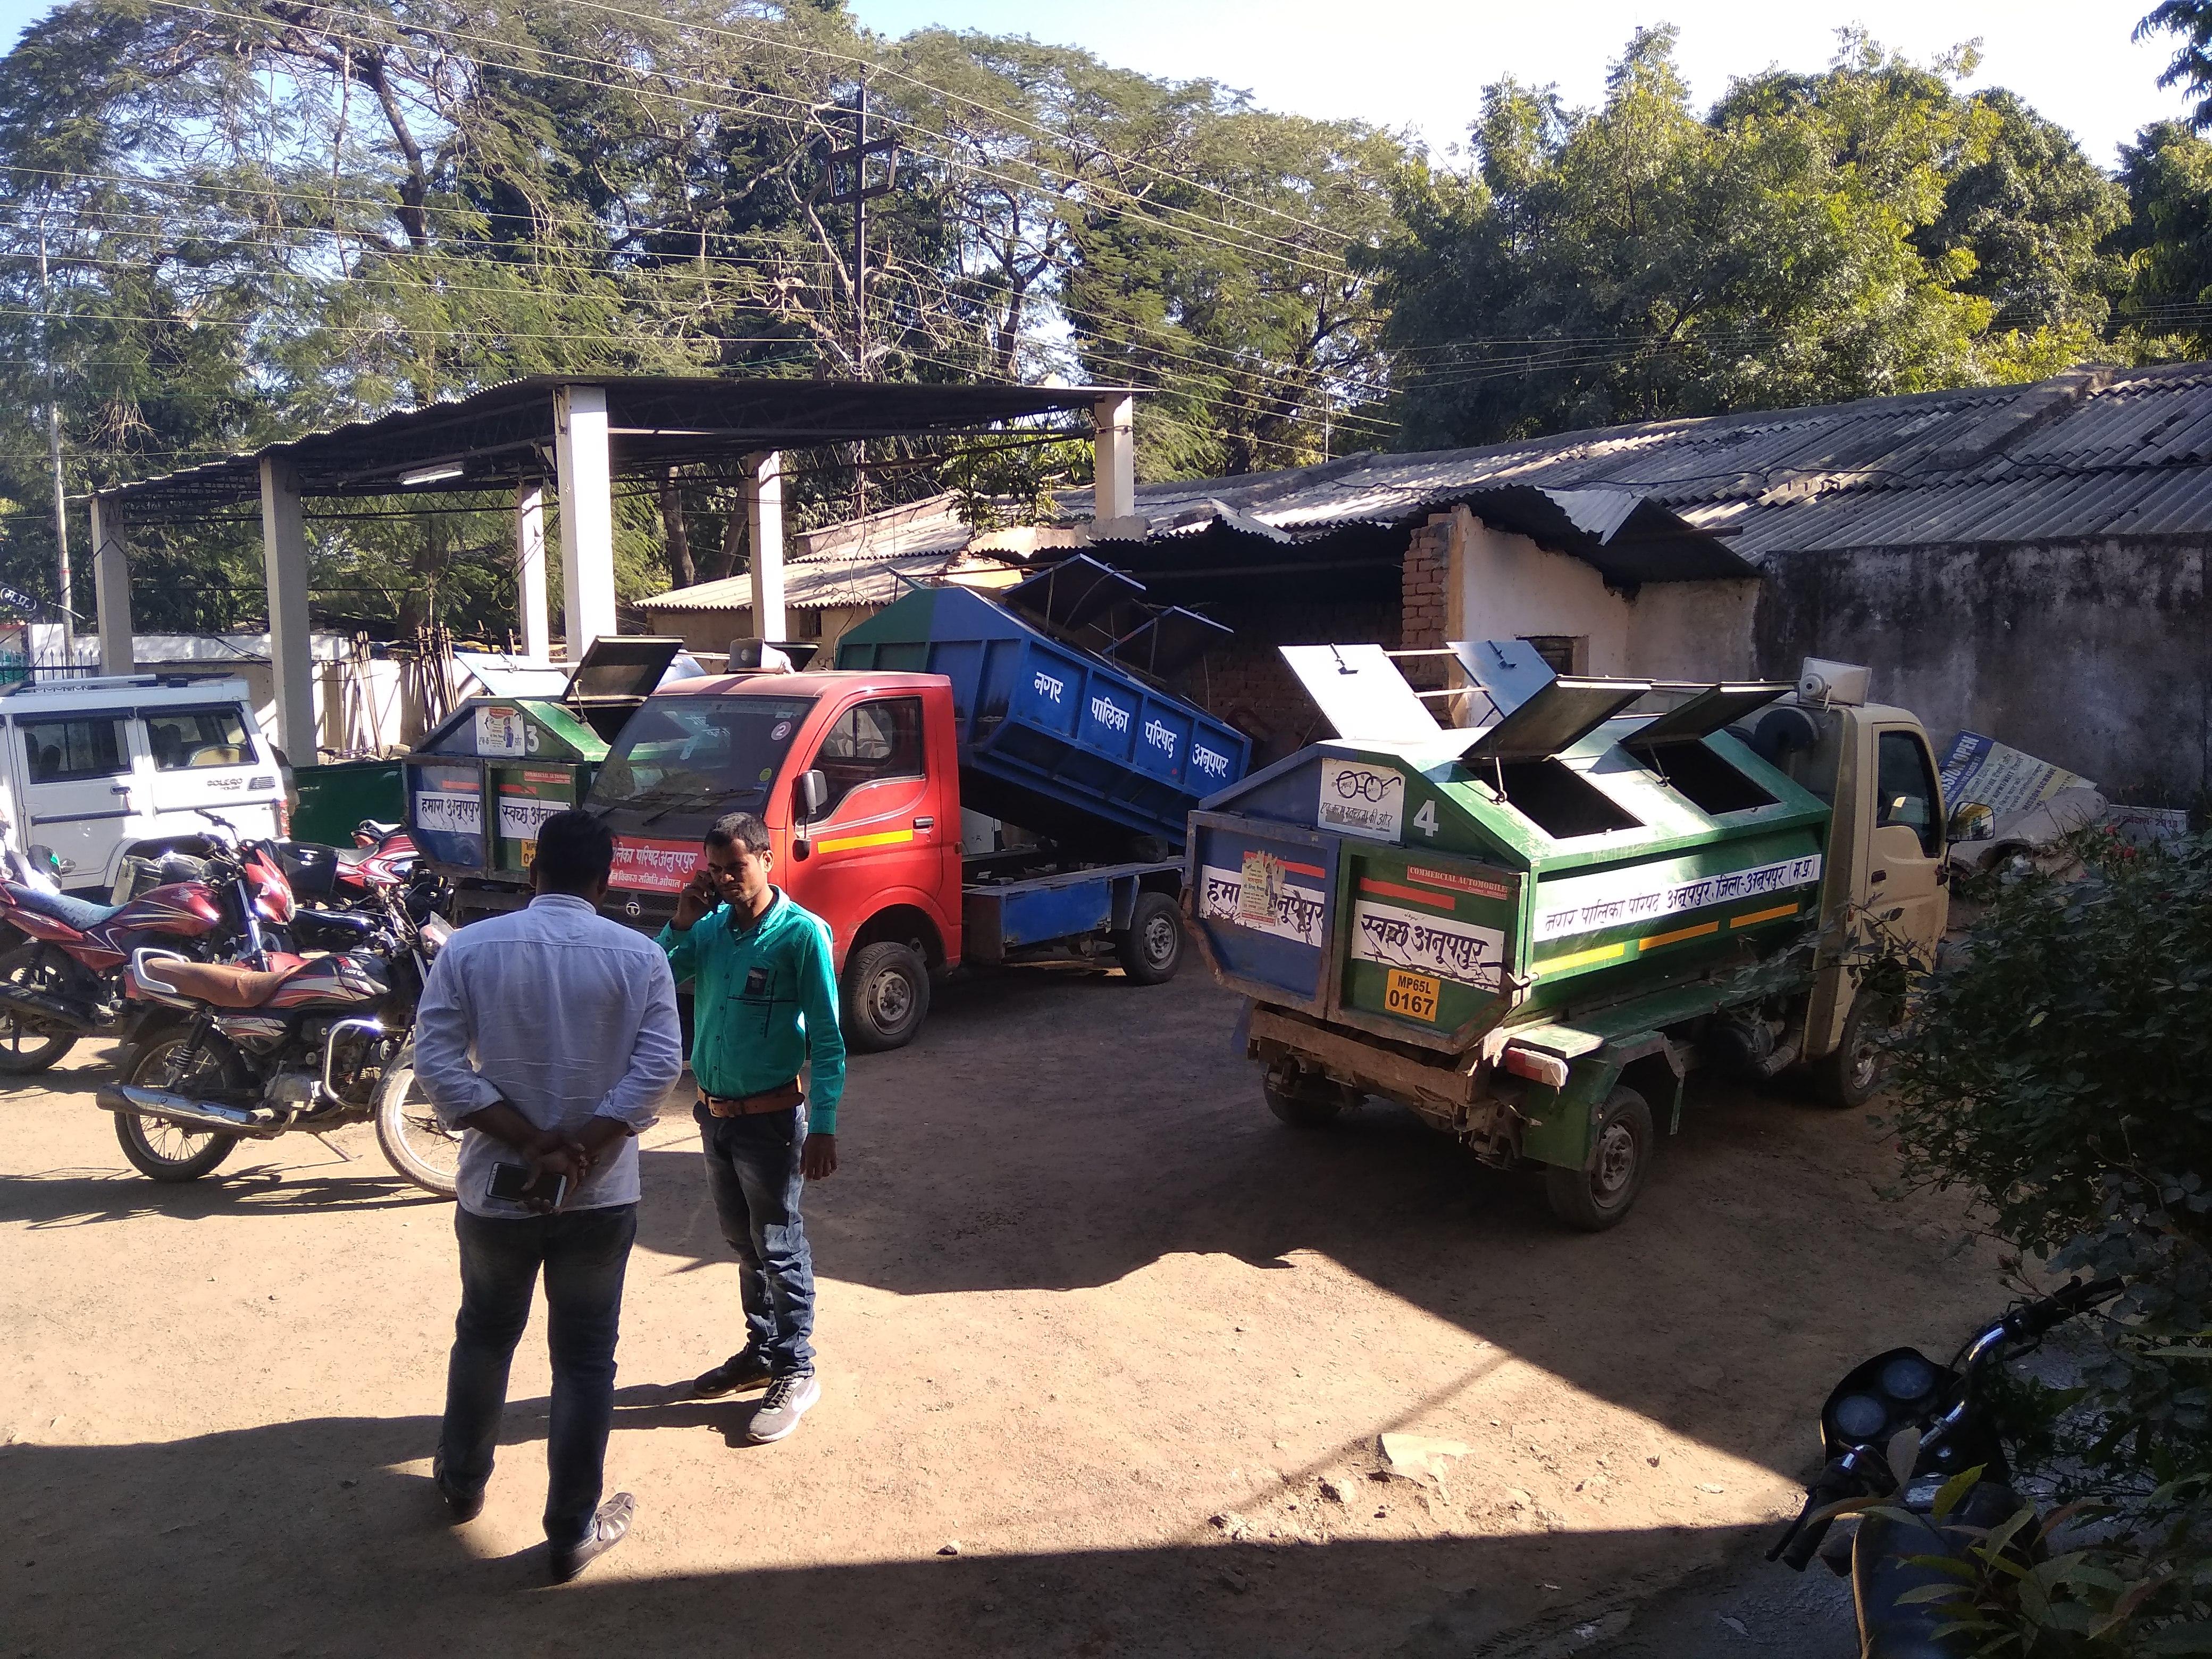 अधिकारियों को नहीं स्वच्छता की परवाह: कचरा संग्रहण वाहनों का हुआ ब्रेक डाउन, घरों से नहीं उठे सात दिनों से कचरा